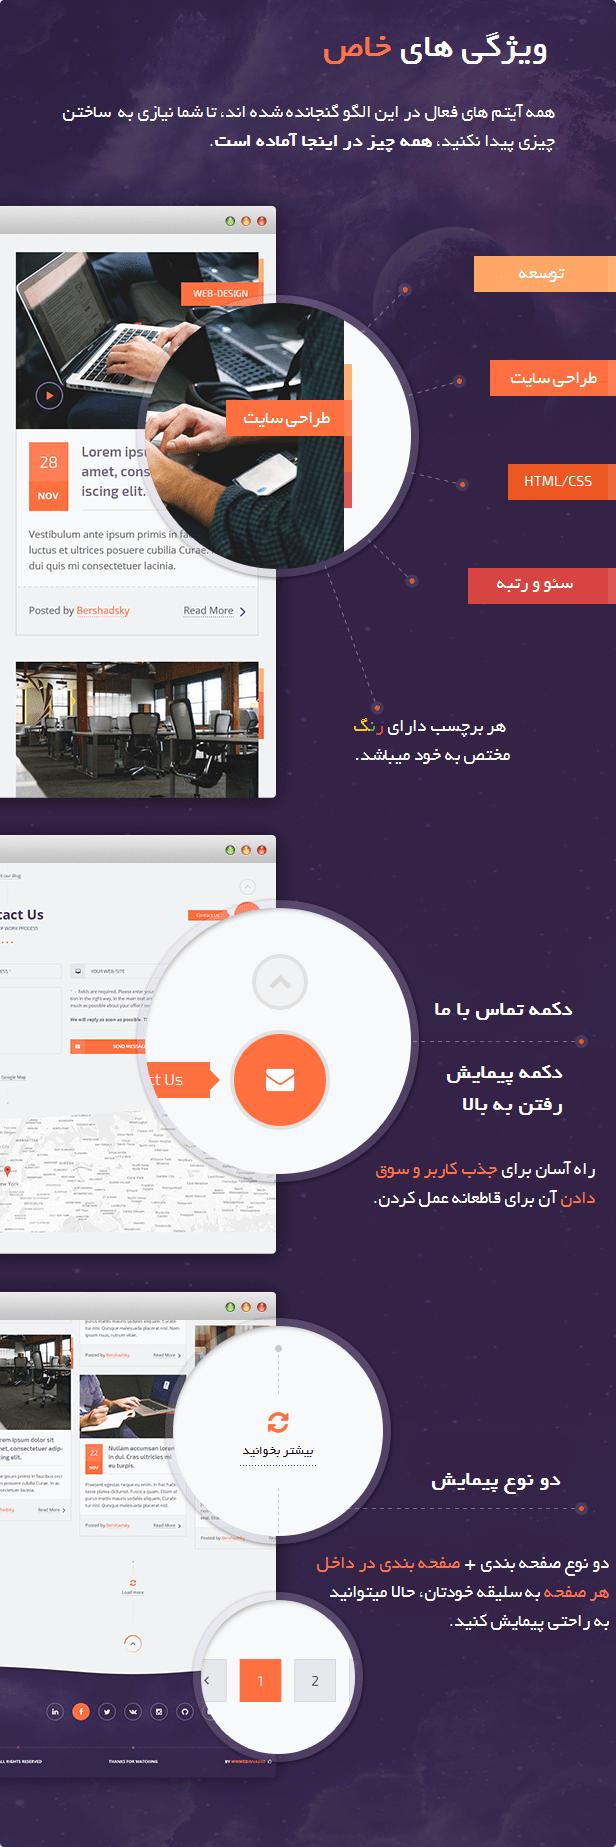 پوسته شرکتی rocket وردپرس فارسی